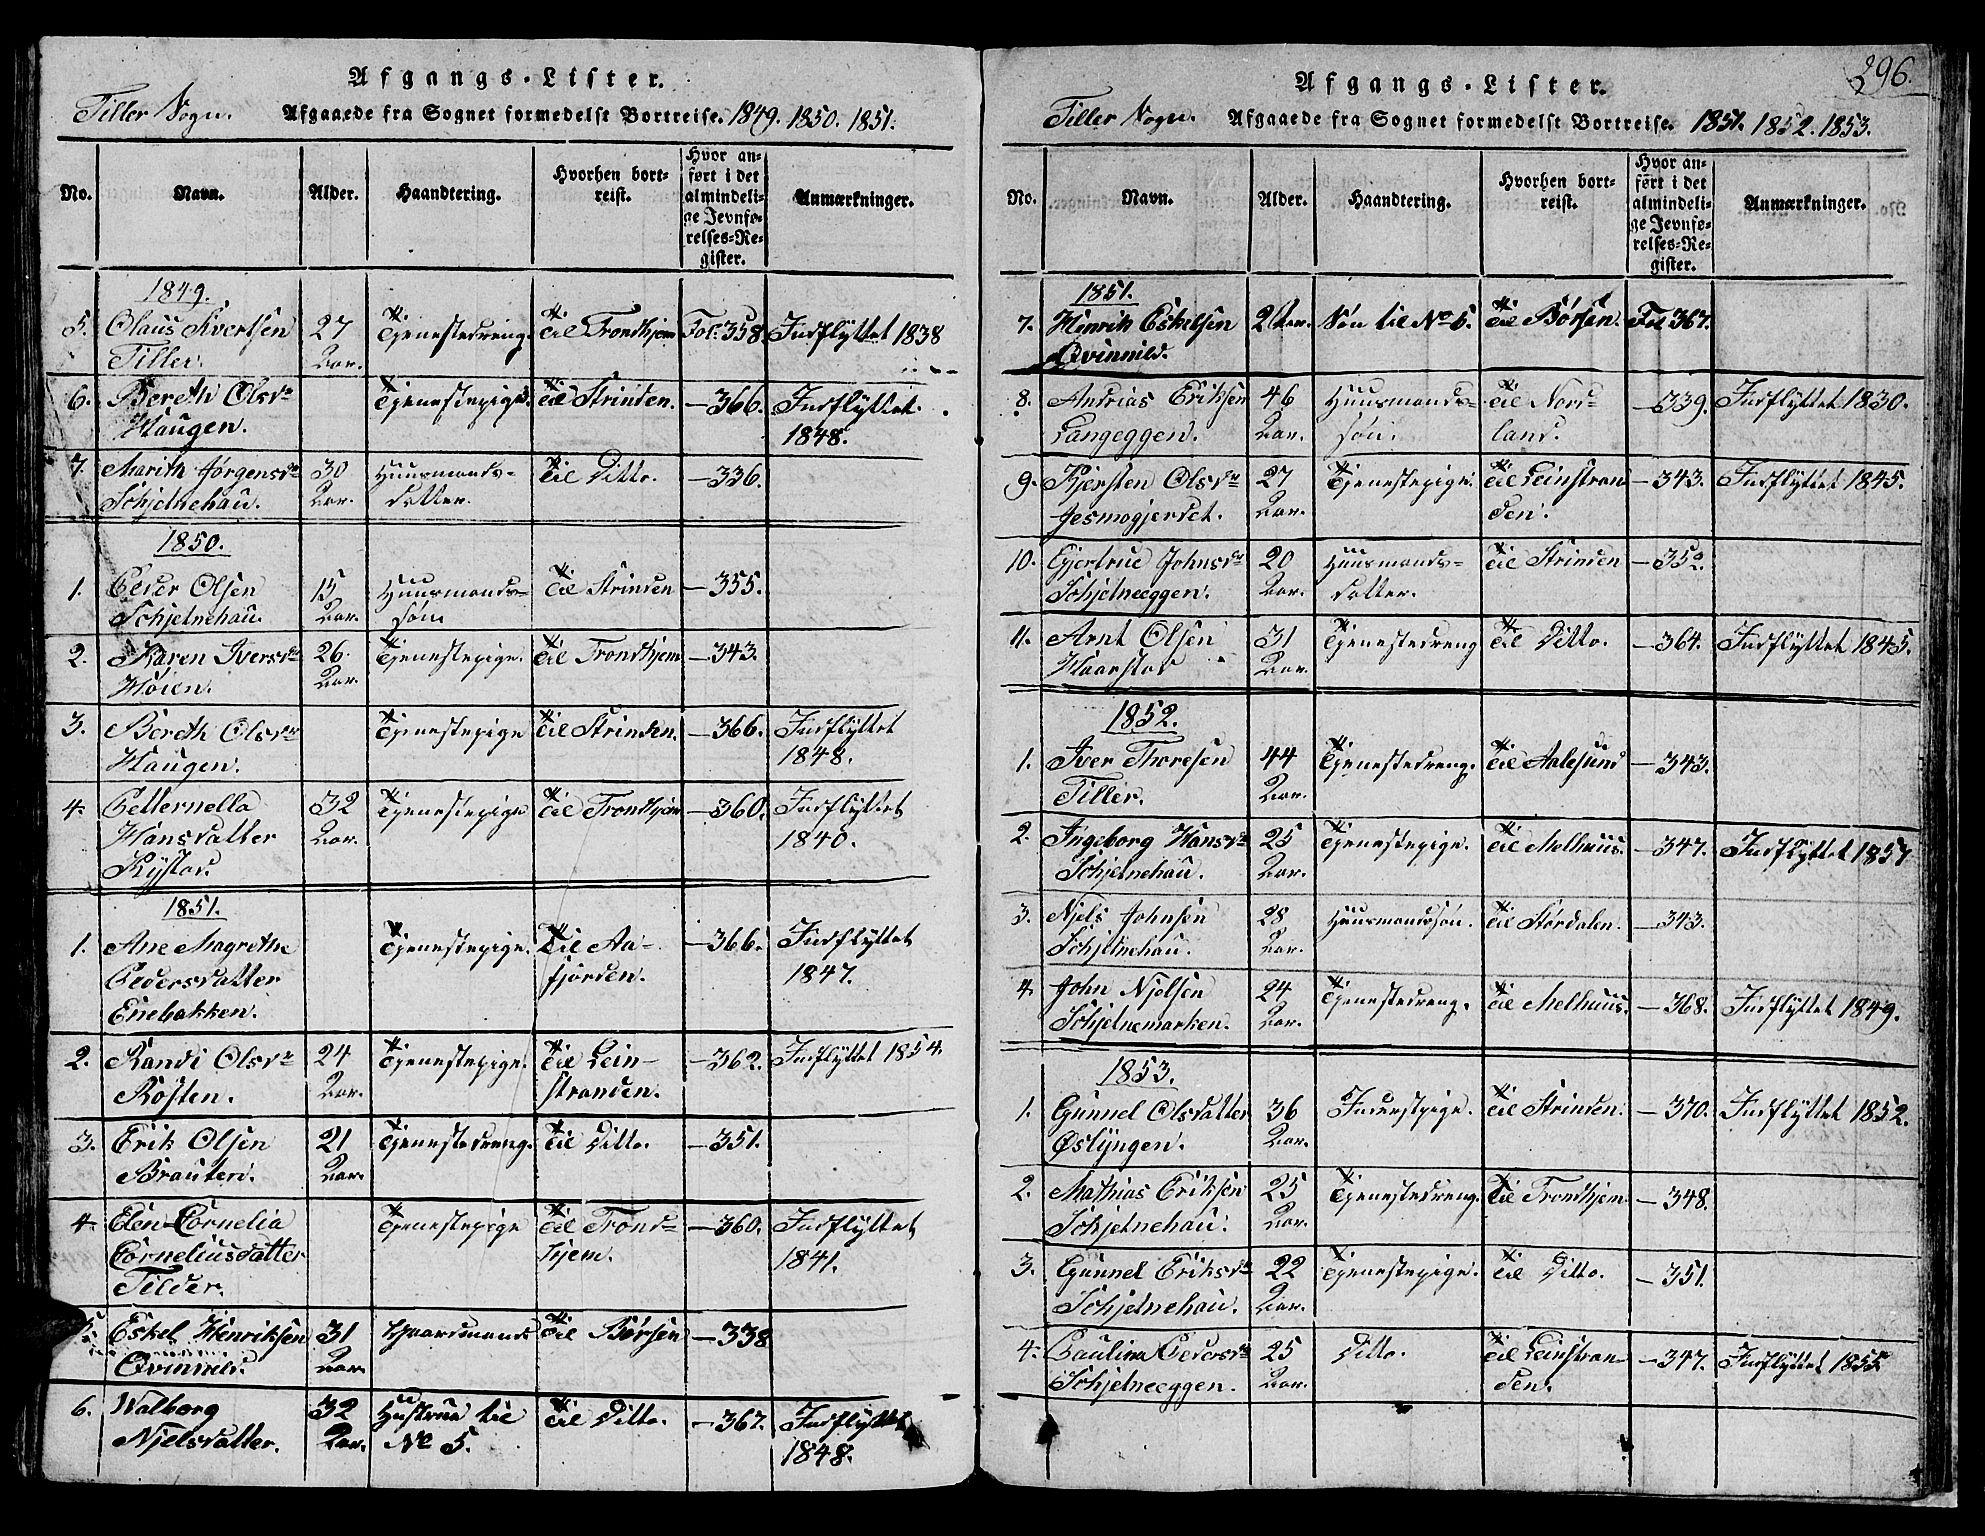 SAT, Ministerialprotokoller, klokkerbøker og fødselsregistre - Sør-Trøndelag, 621/L0458: Klokkerbok nr. 621C01, 1816-1865, s. 296